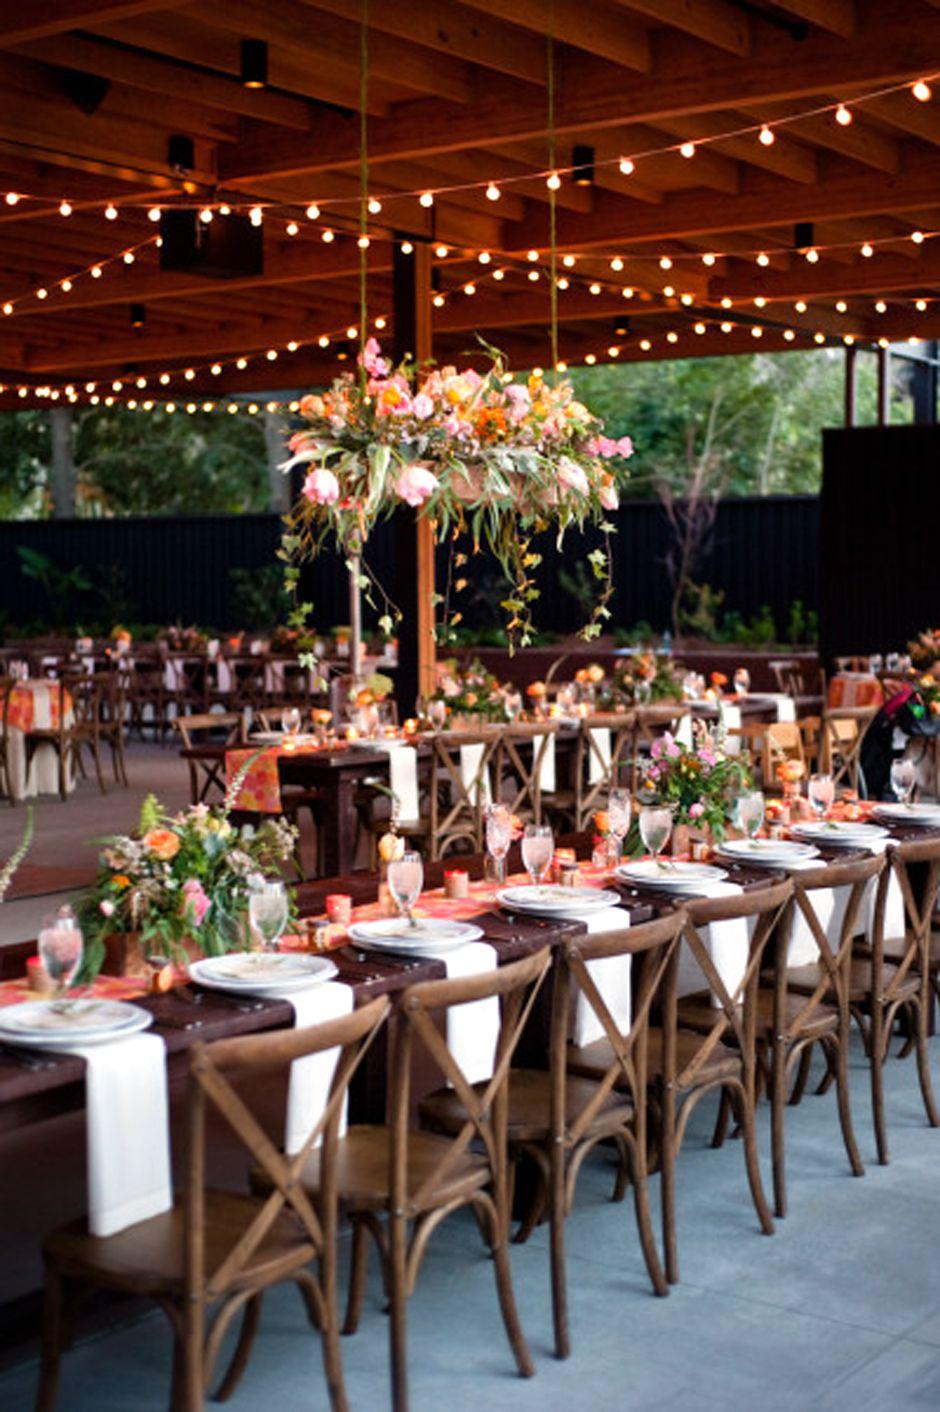 Crossback Vineyard Chair Rental In Atlanta Athens Lake Oconee Georgia Wedding Chair Rentals Frugal Wedding Savannah Wedding Chandelier Wedding Decor